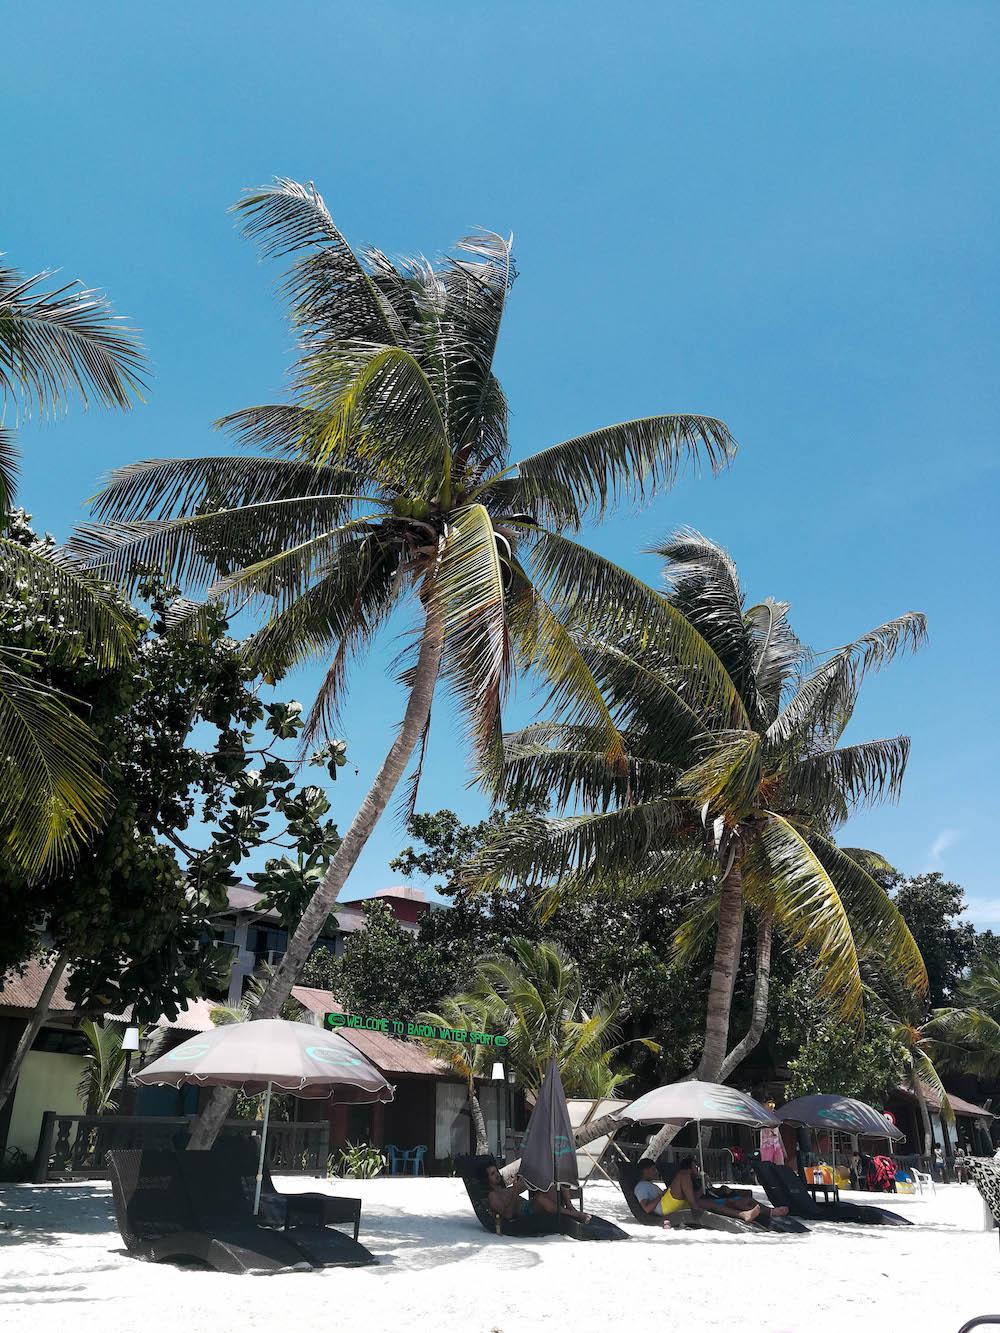 langkawi maleisie stranden cenang